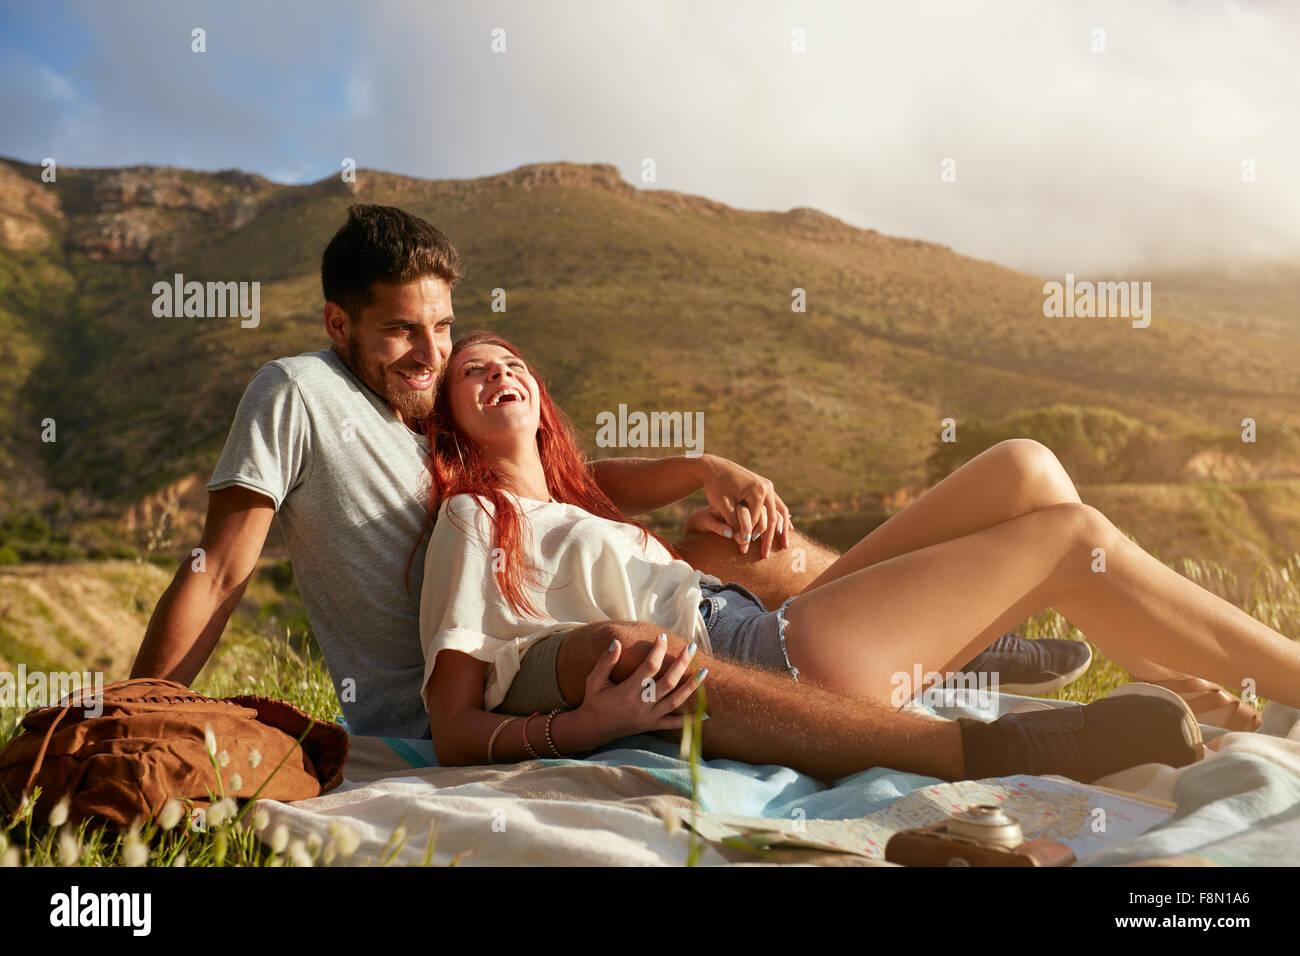 Portrait of a cute young et souriant. Jeune homme et femme ion vacances d'été. Bénéficiant Photo Stock